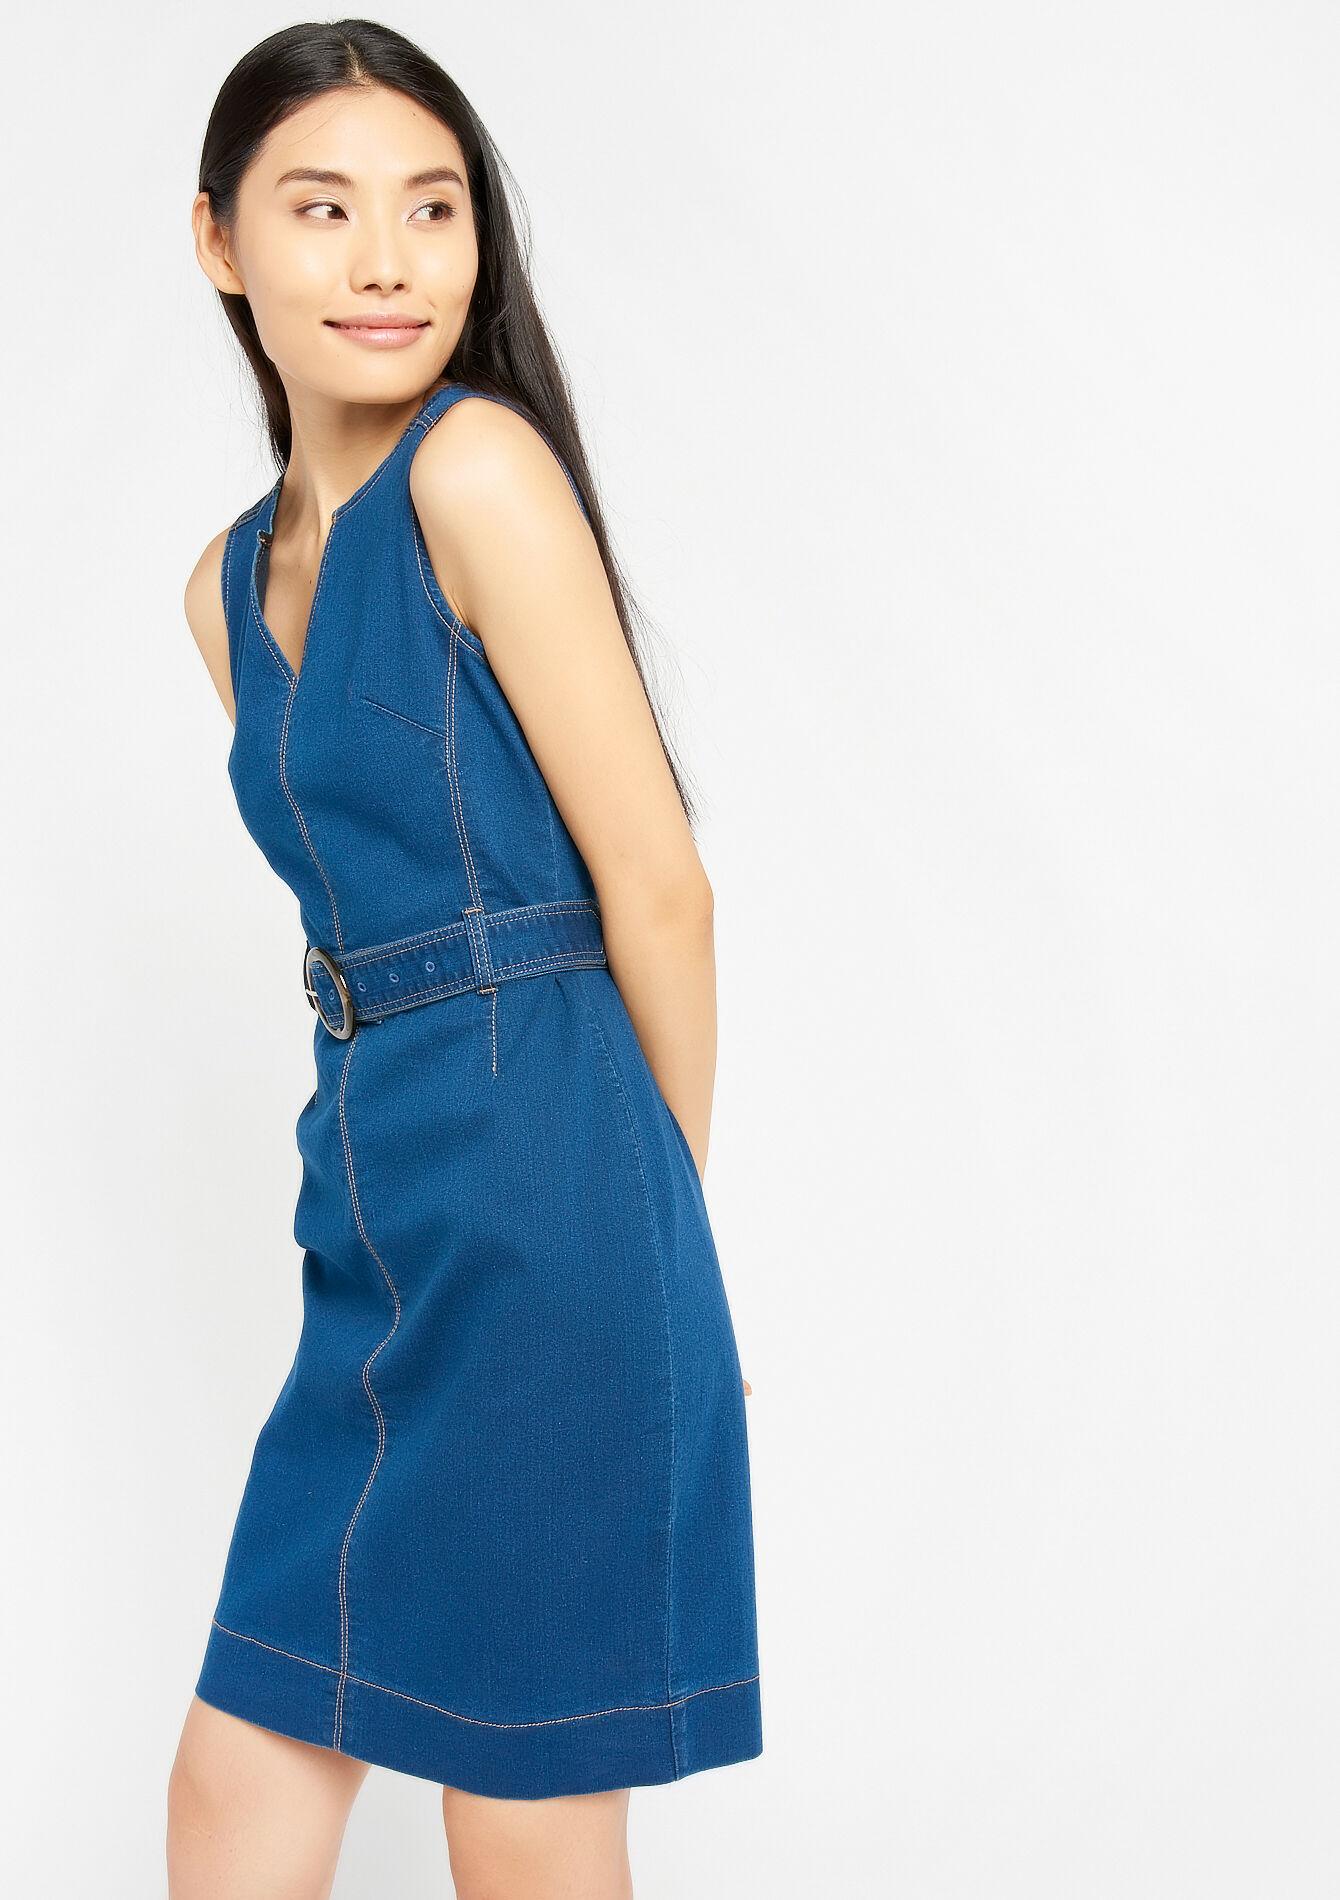 Jeansjurk zonder mouwen, riem LolaLiza